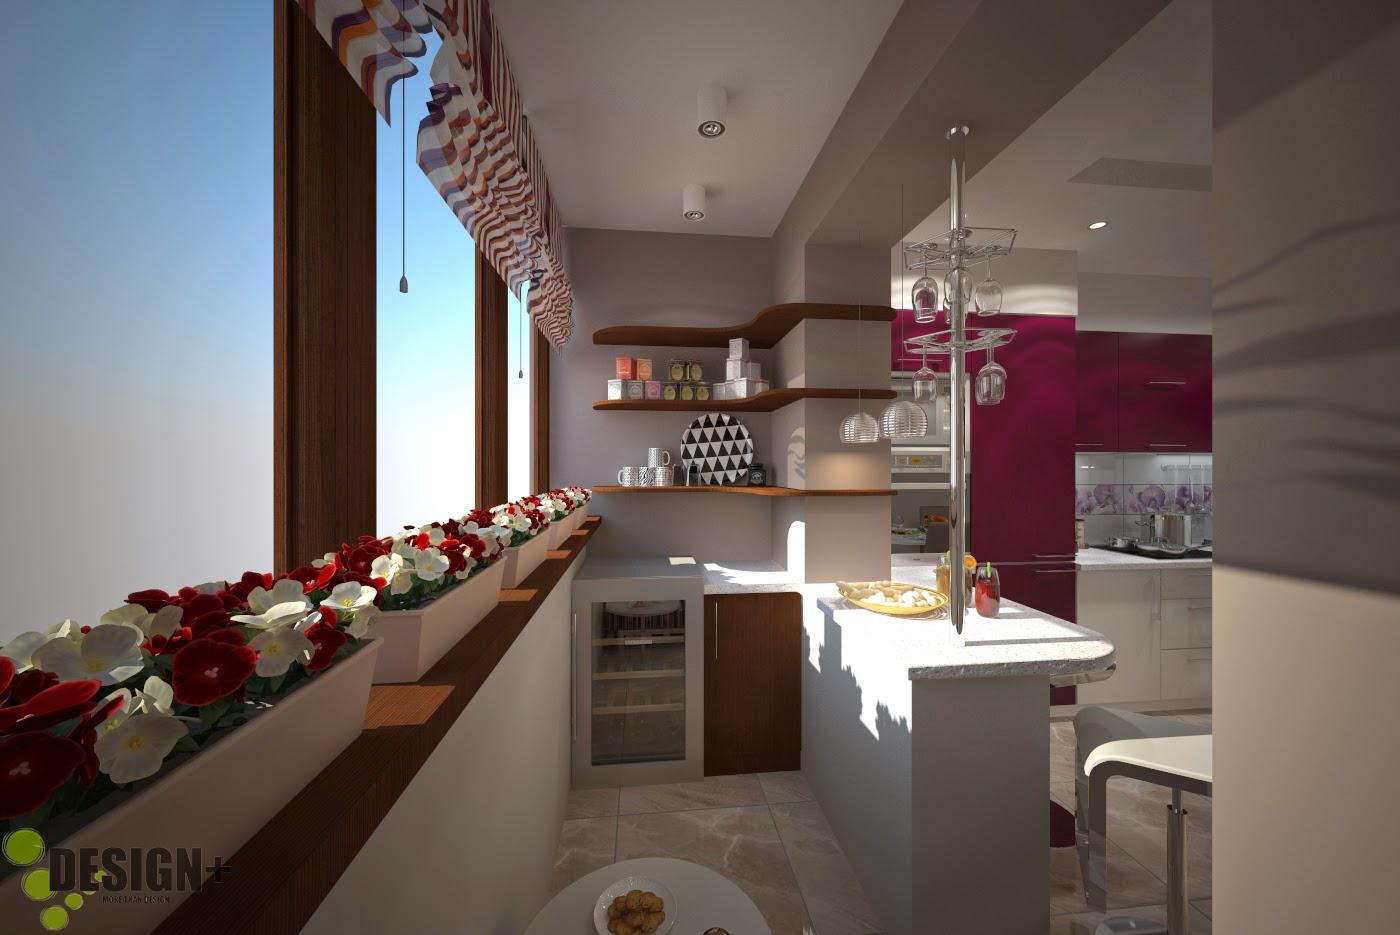 Дизайн кухни совмещенной с лоджией фото 2015 современные идеи.